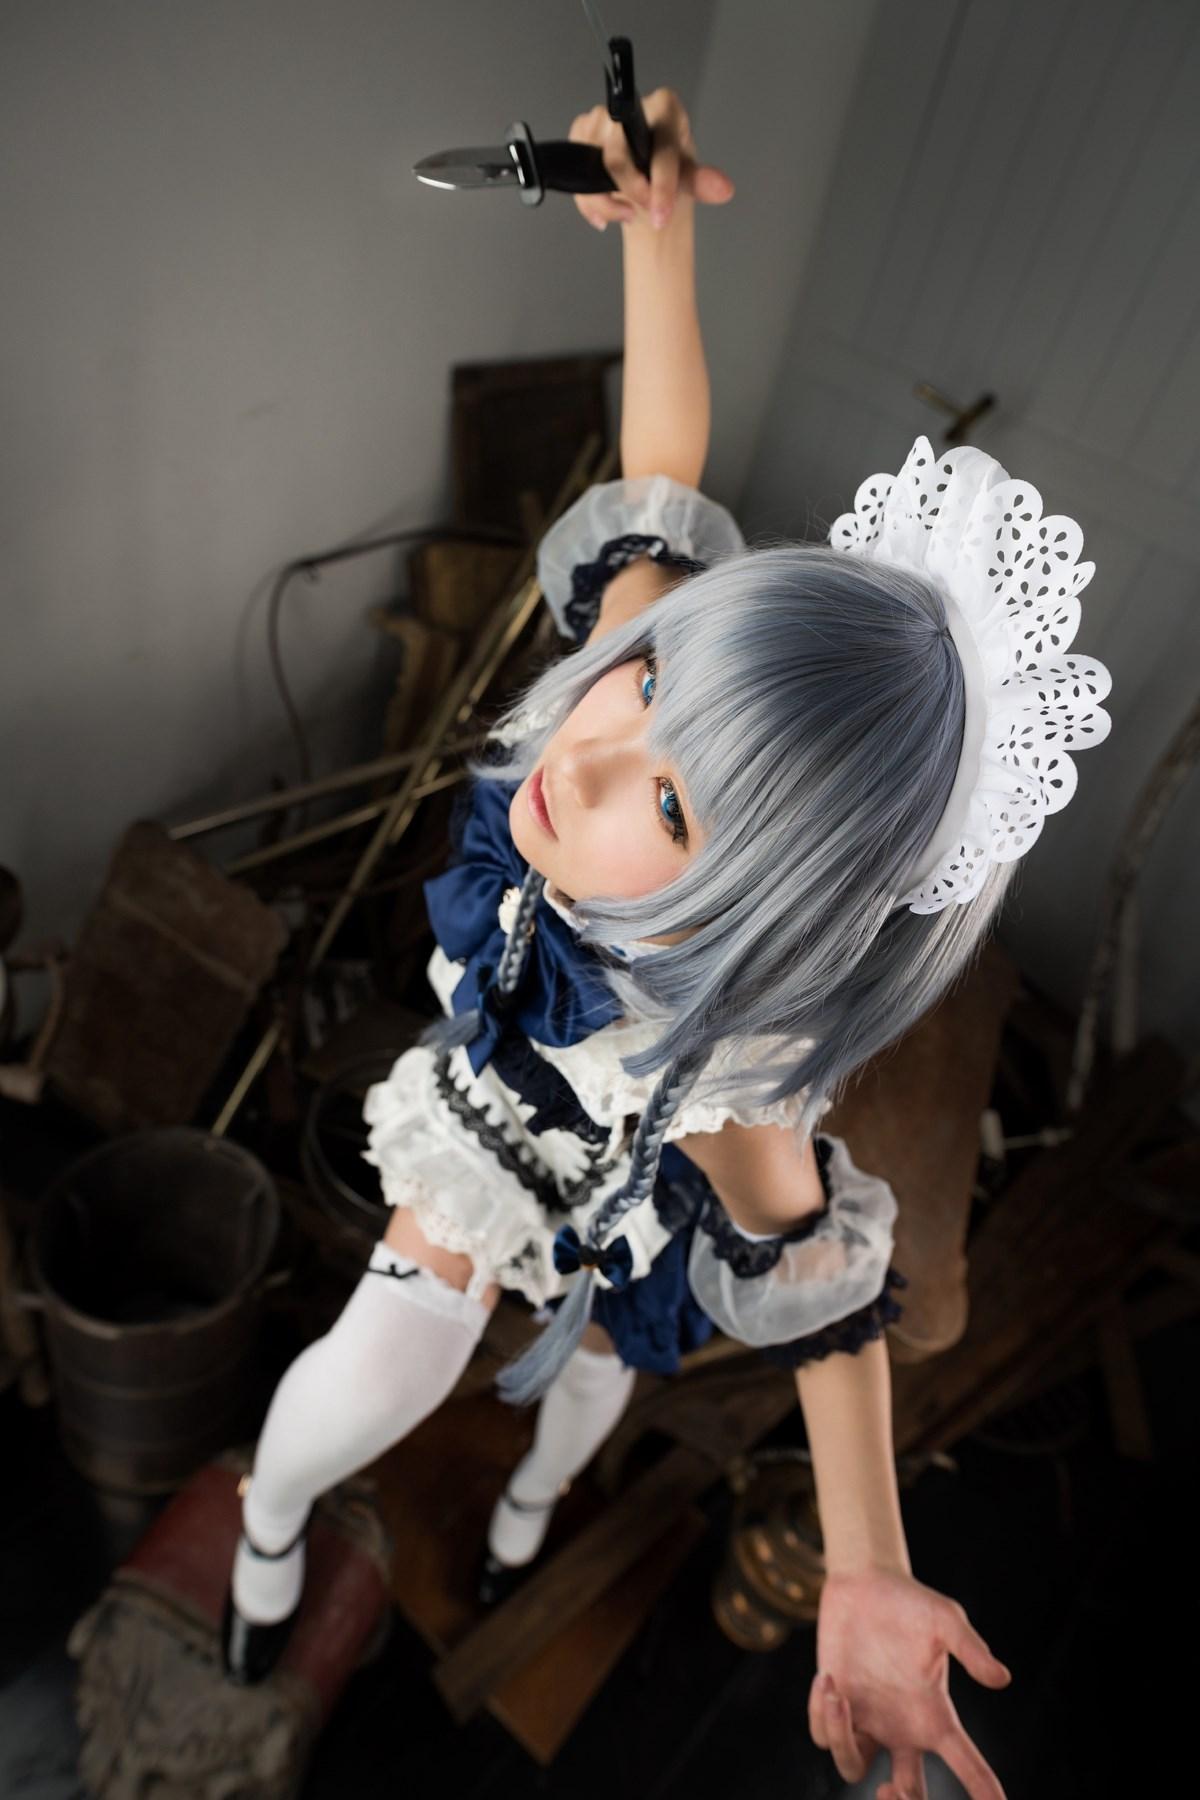 【兔玩映画】咲夜 兔玩映画 第45张